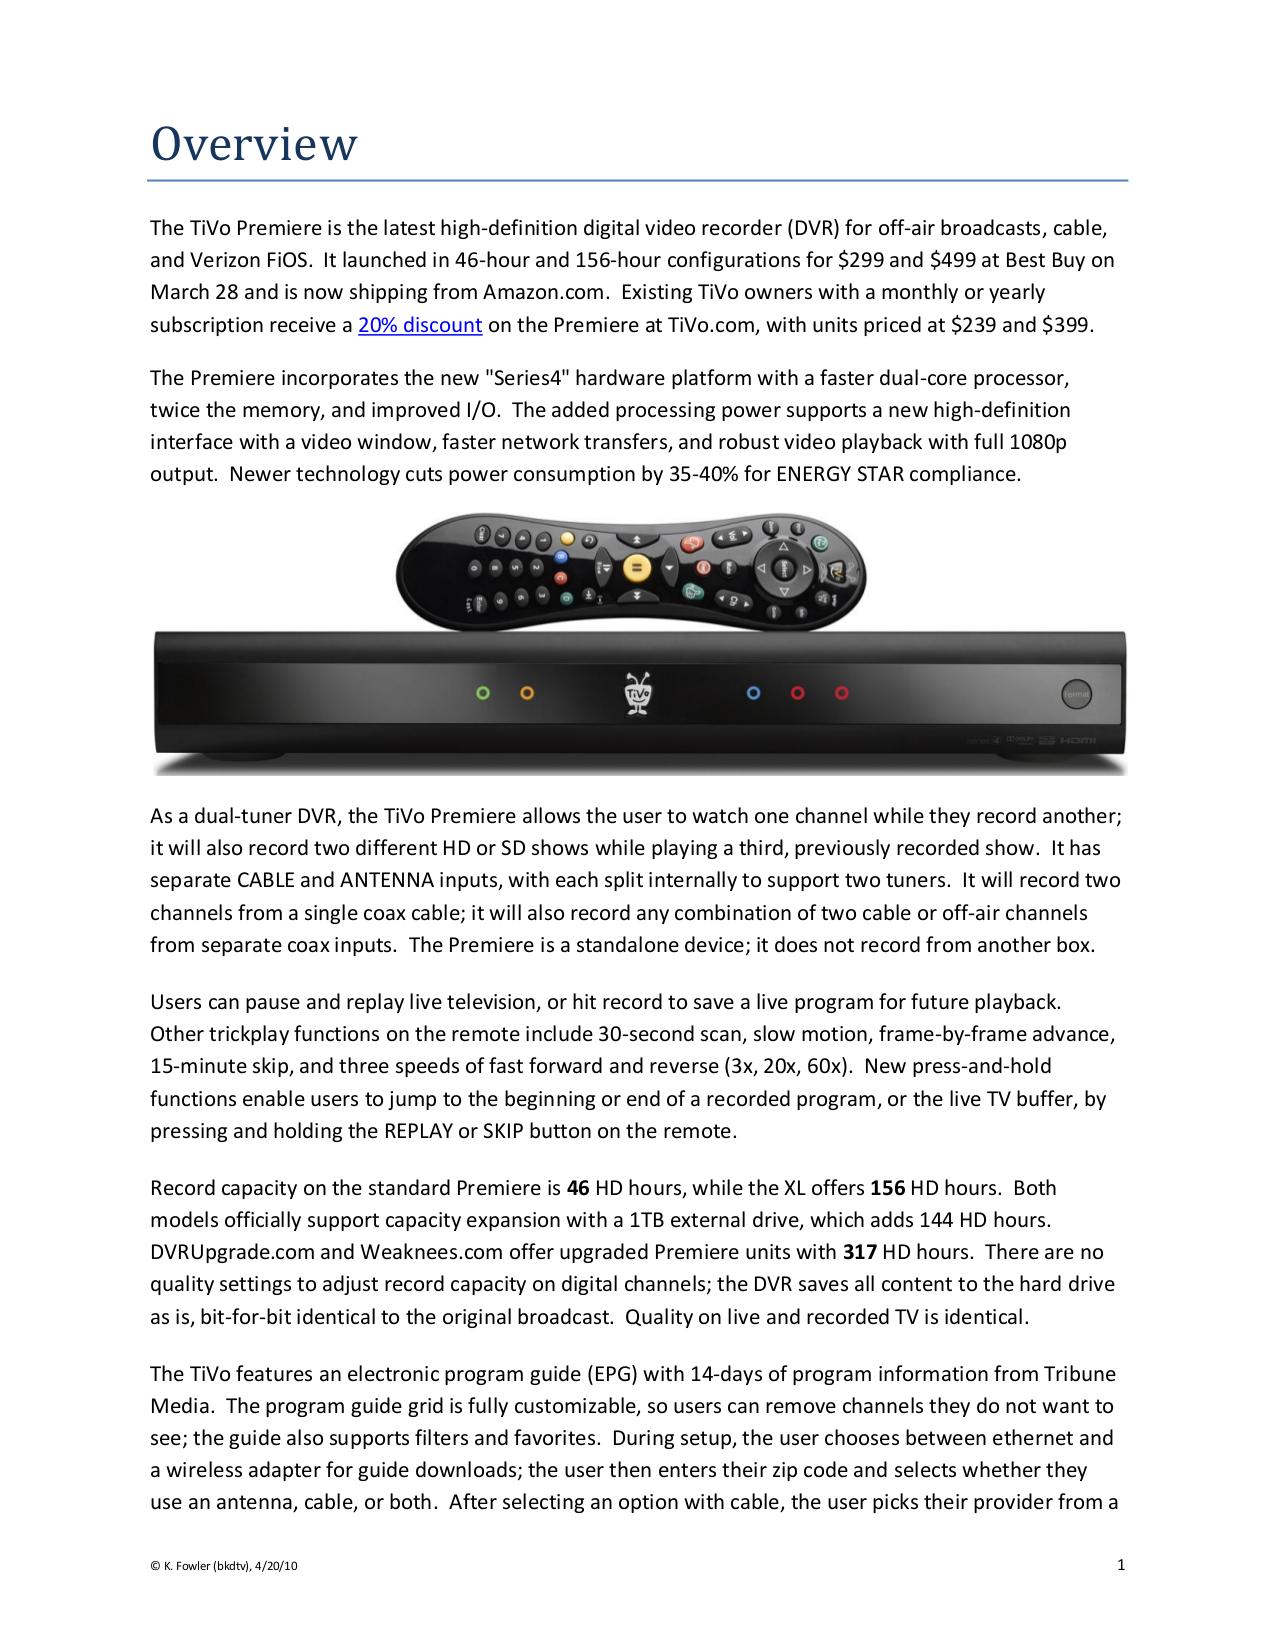 download free pdf for tivo series3 hd dvr manual rh umlib com TiVo Series 2 TiVo Premiere Manual